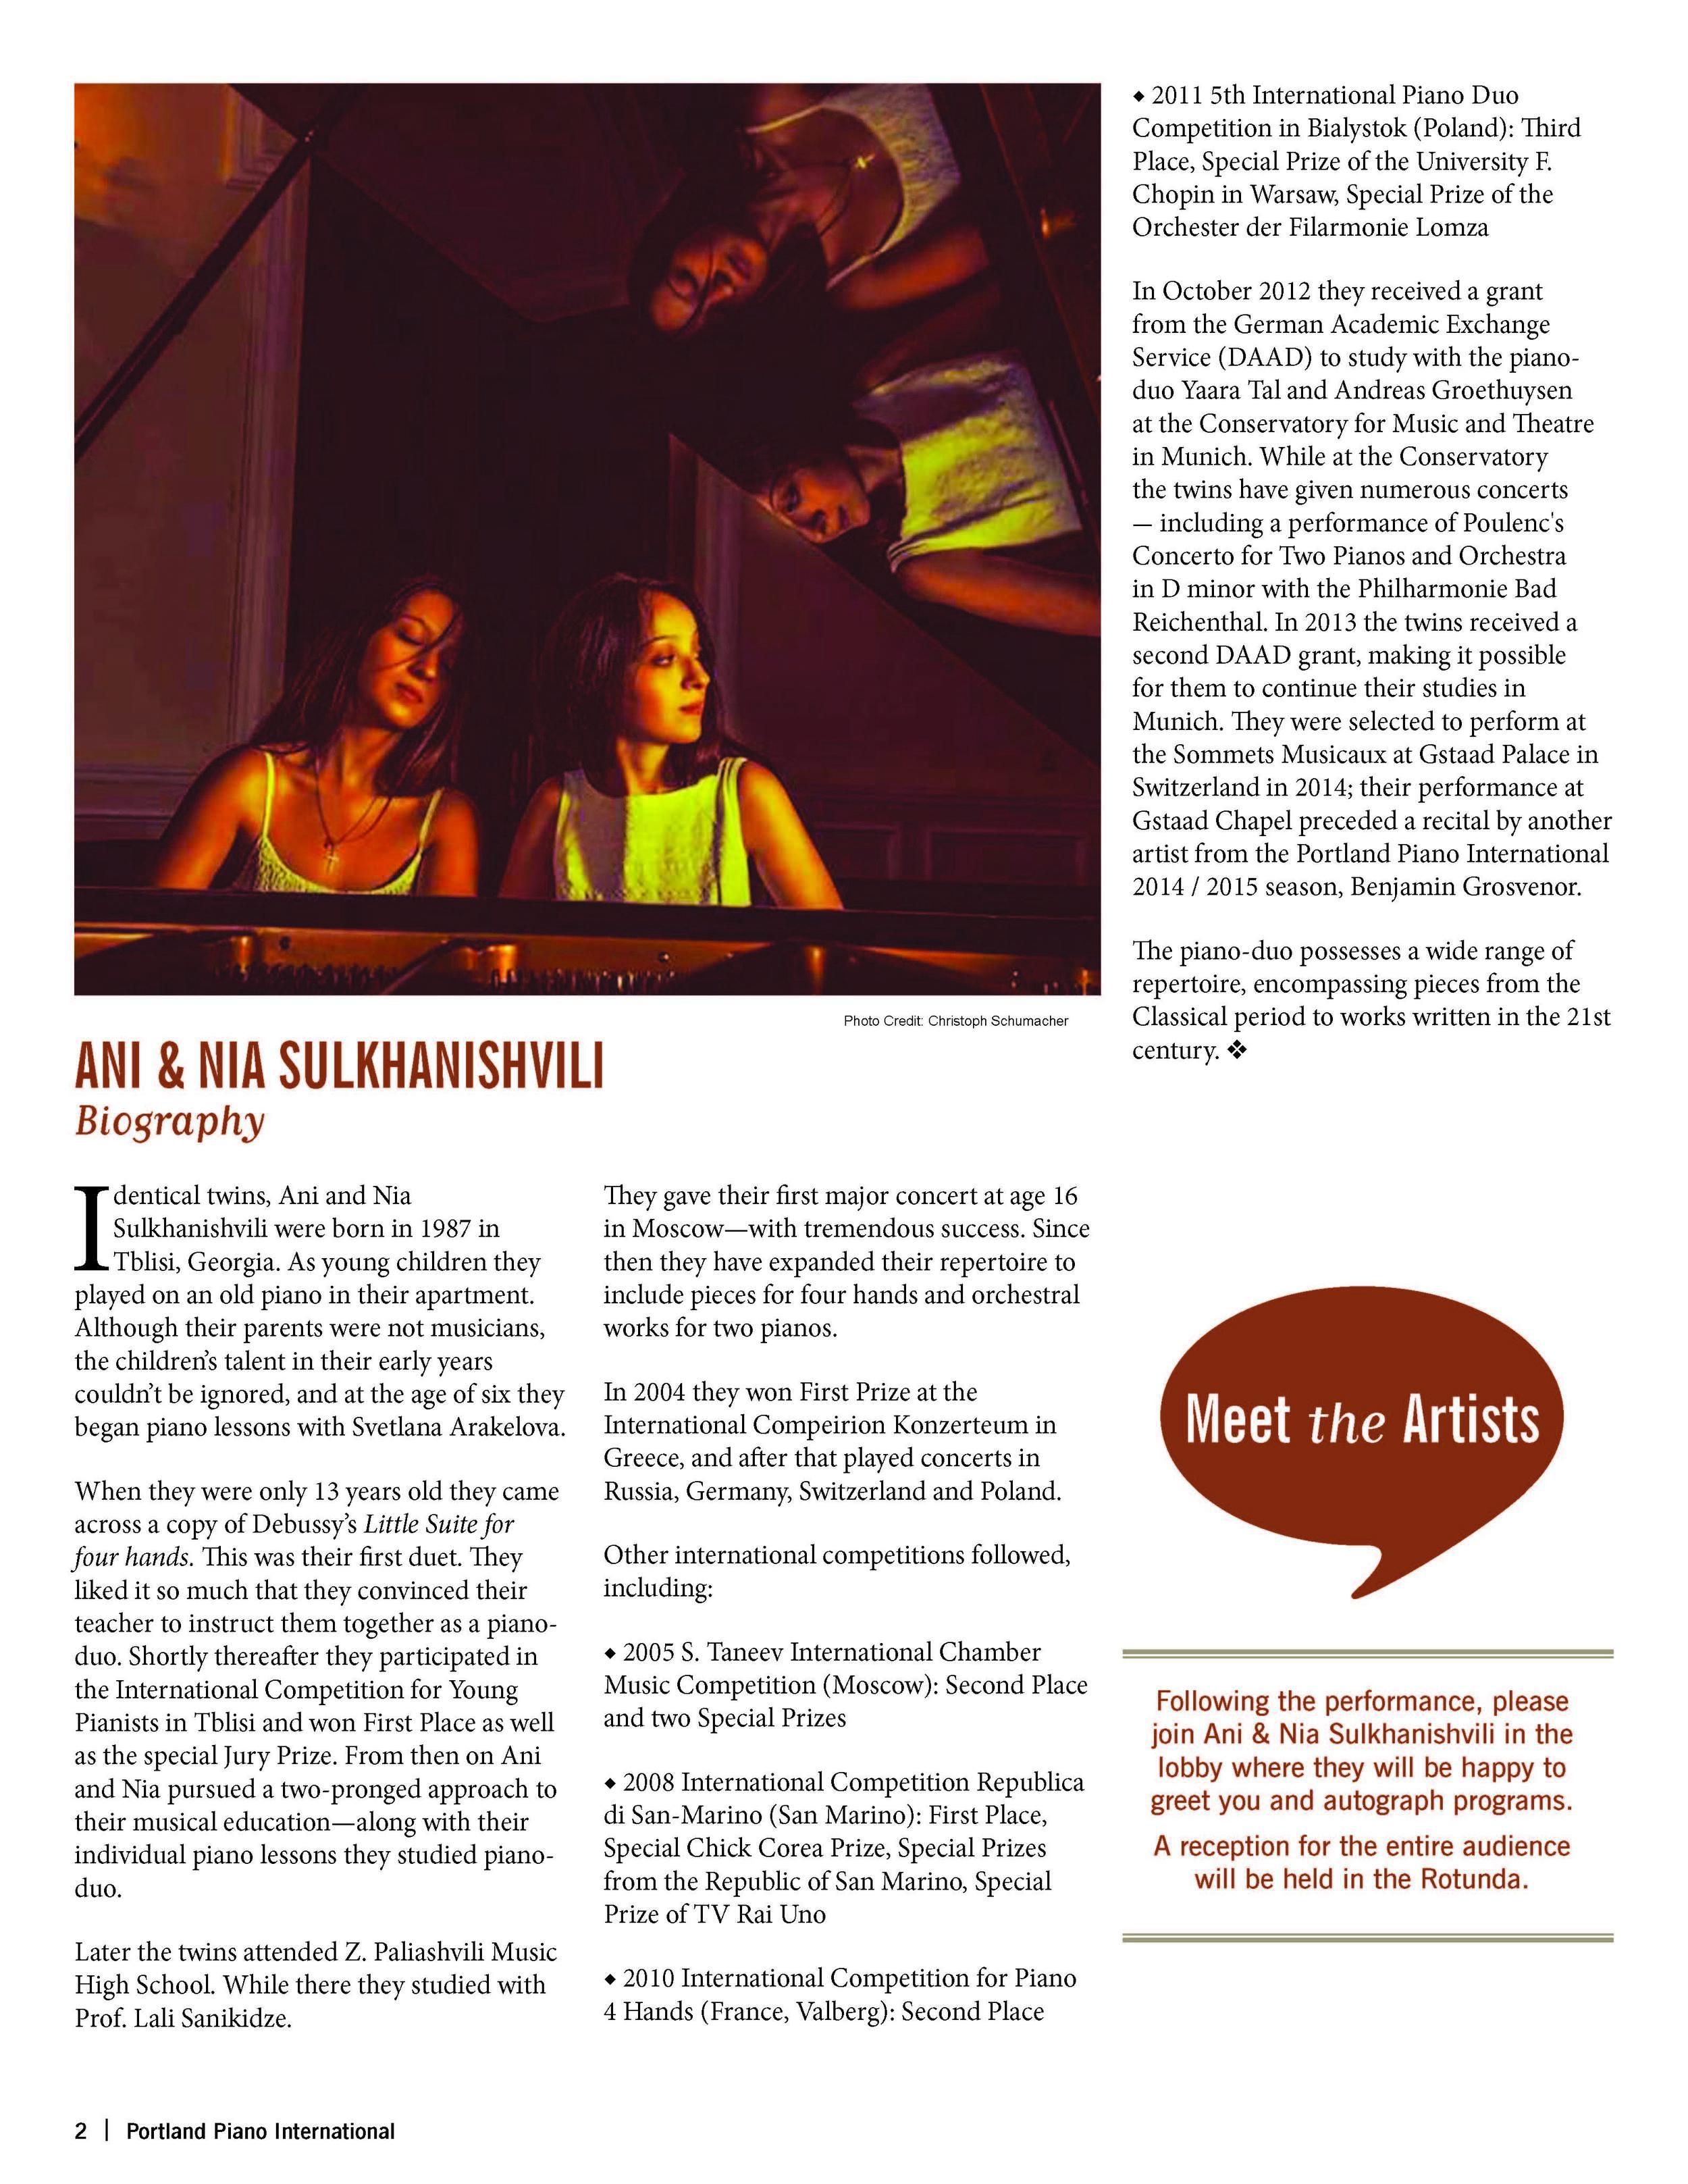 PPI_Program_Sulkhanishvili FINAL_Page_04.jpg